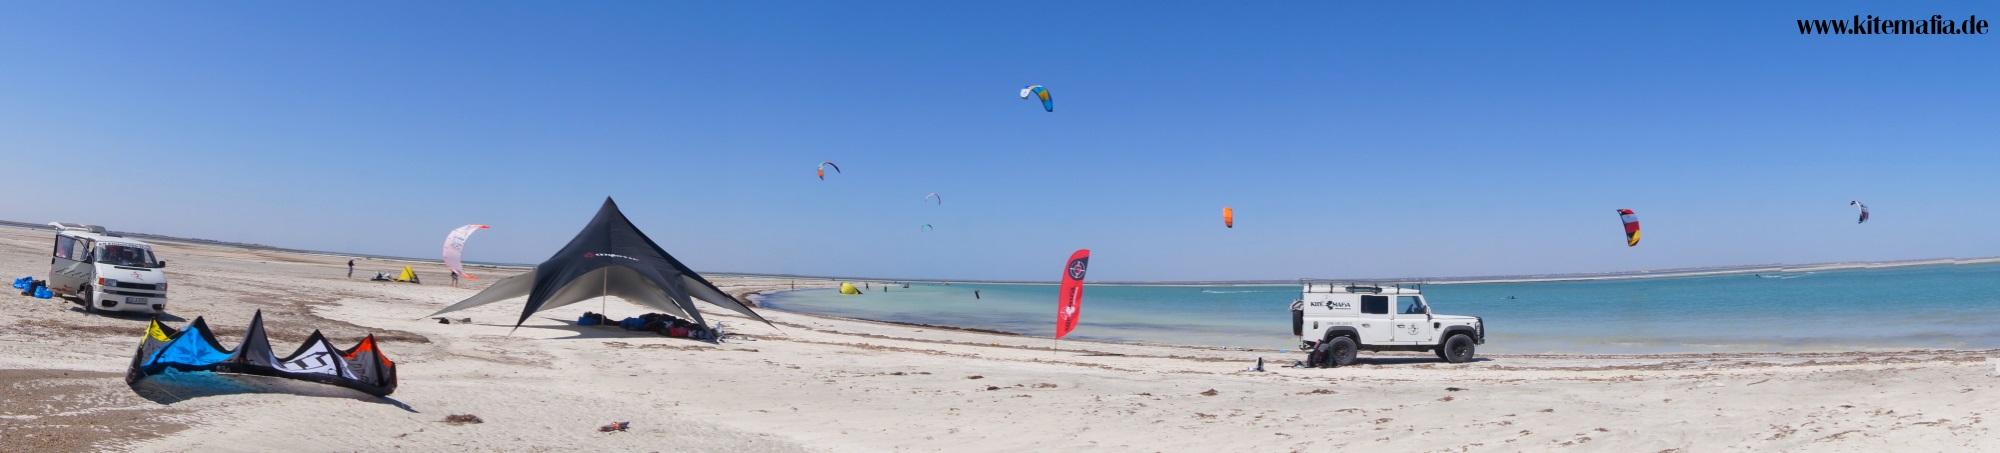 kitesurfen Djerba Tunesien Kitereisen (24)